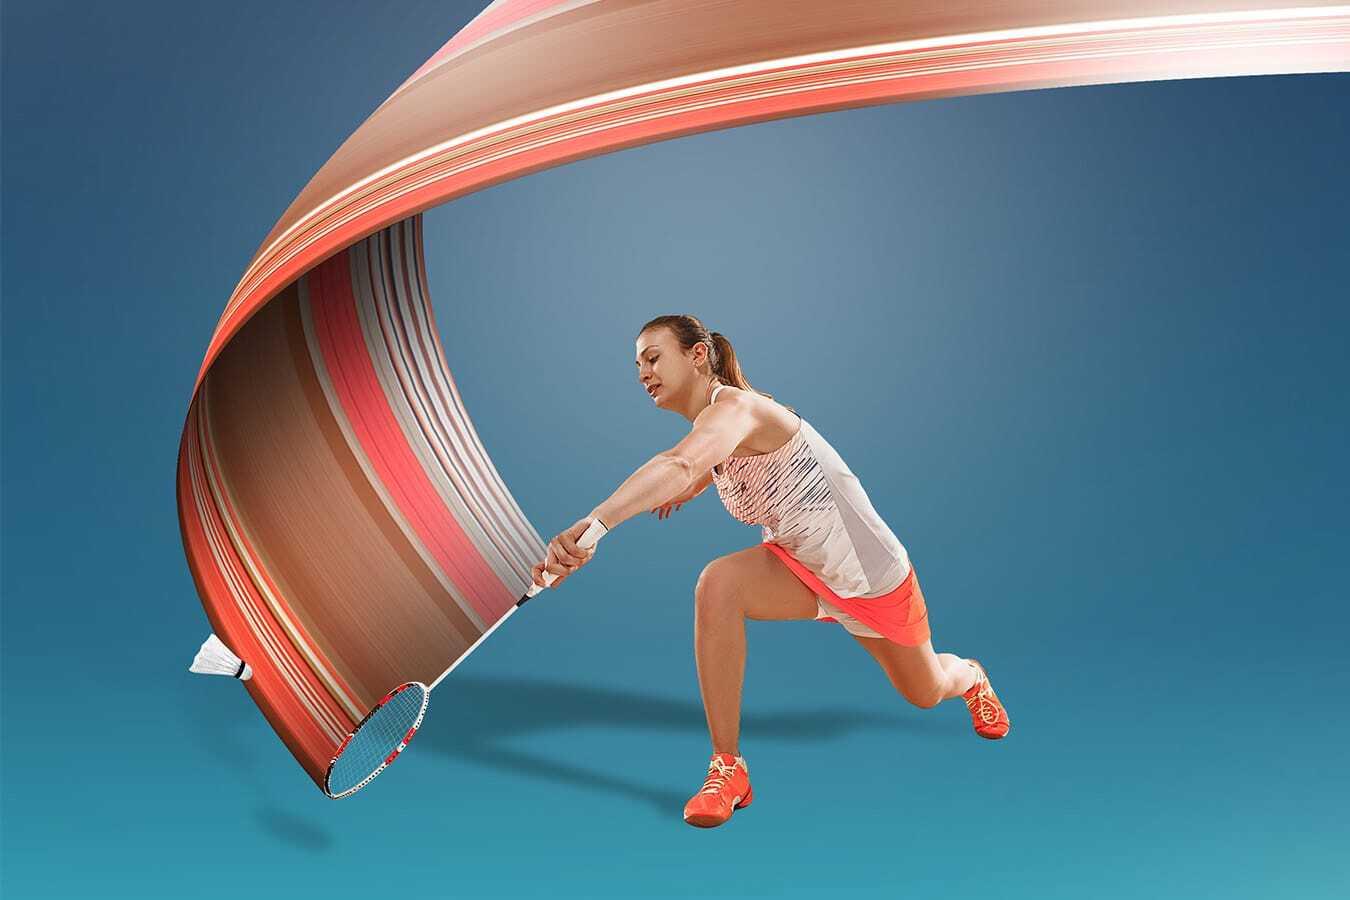 физическая активность и счастье